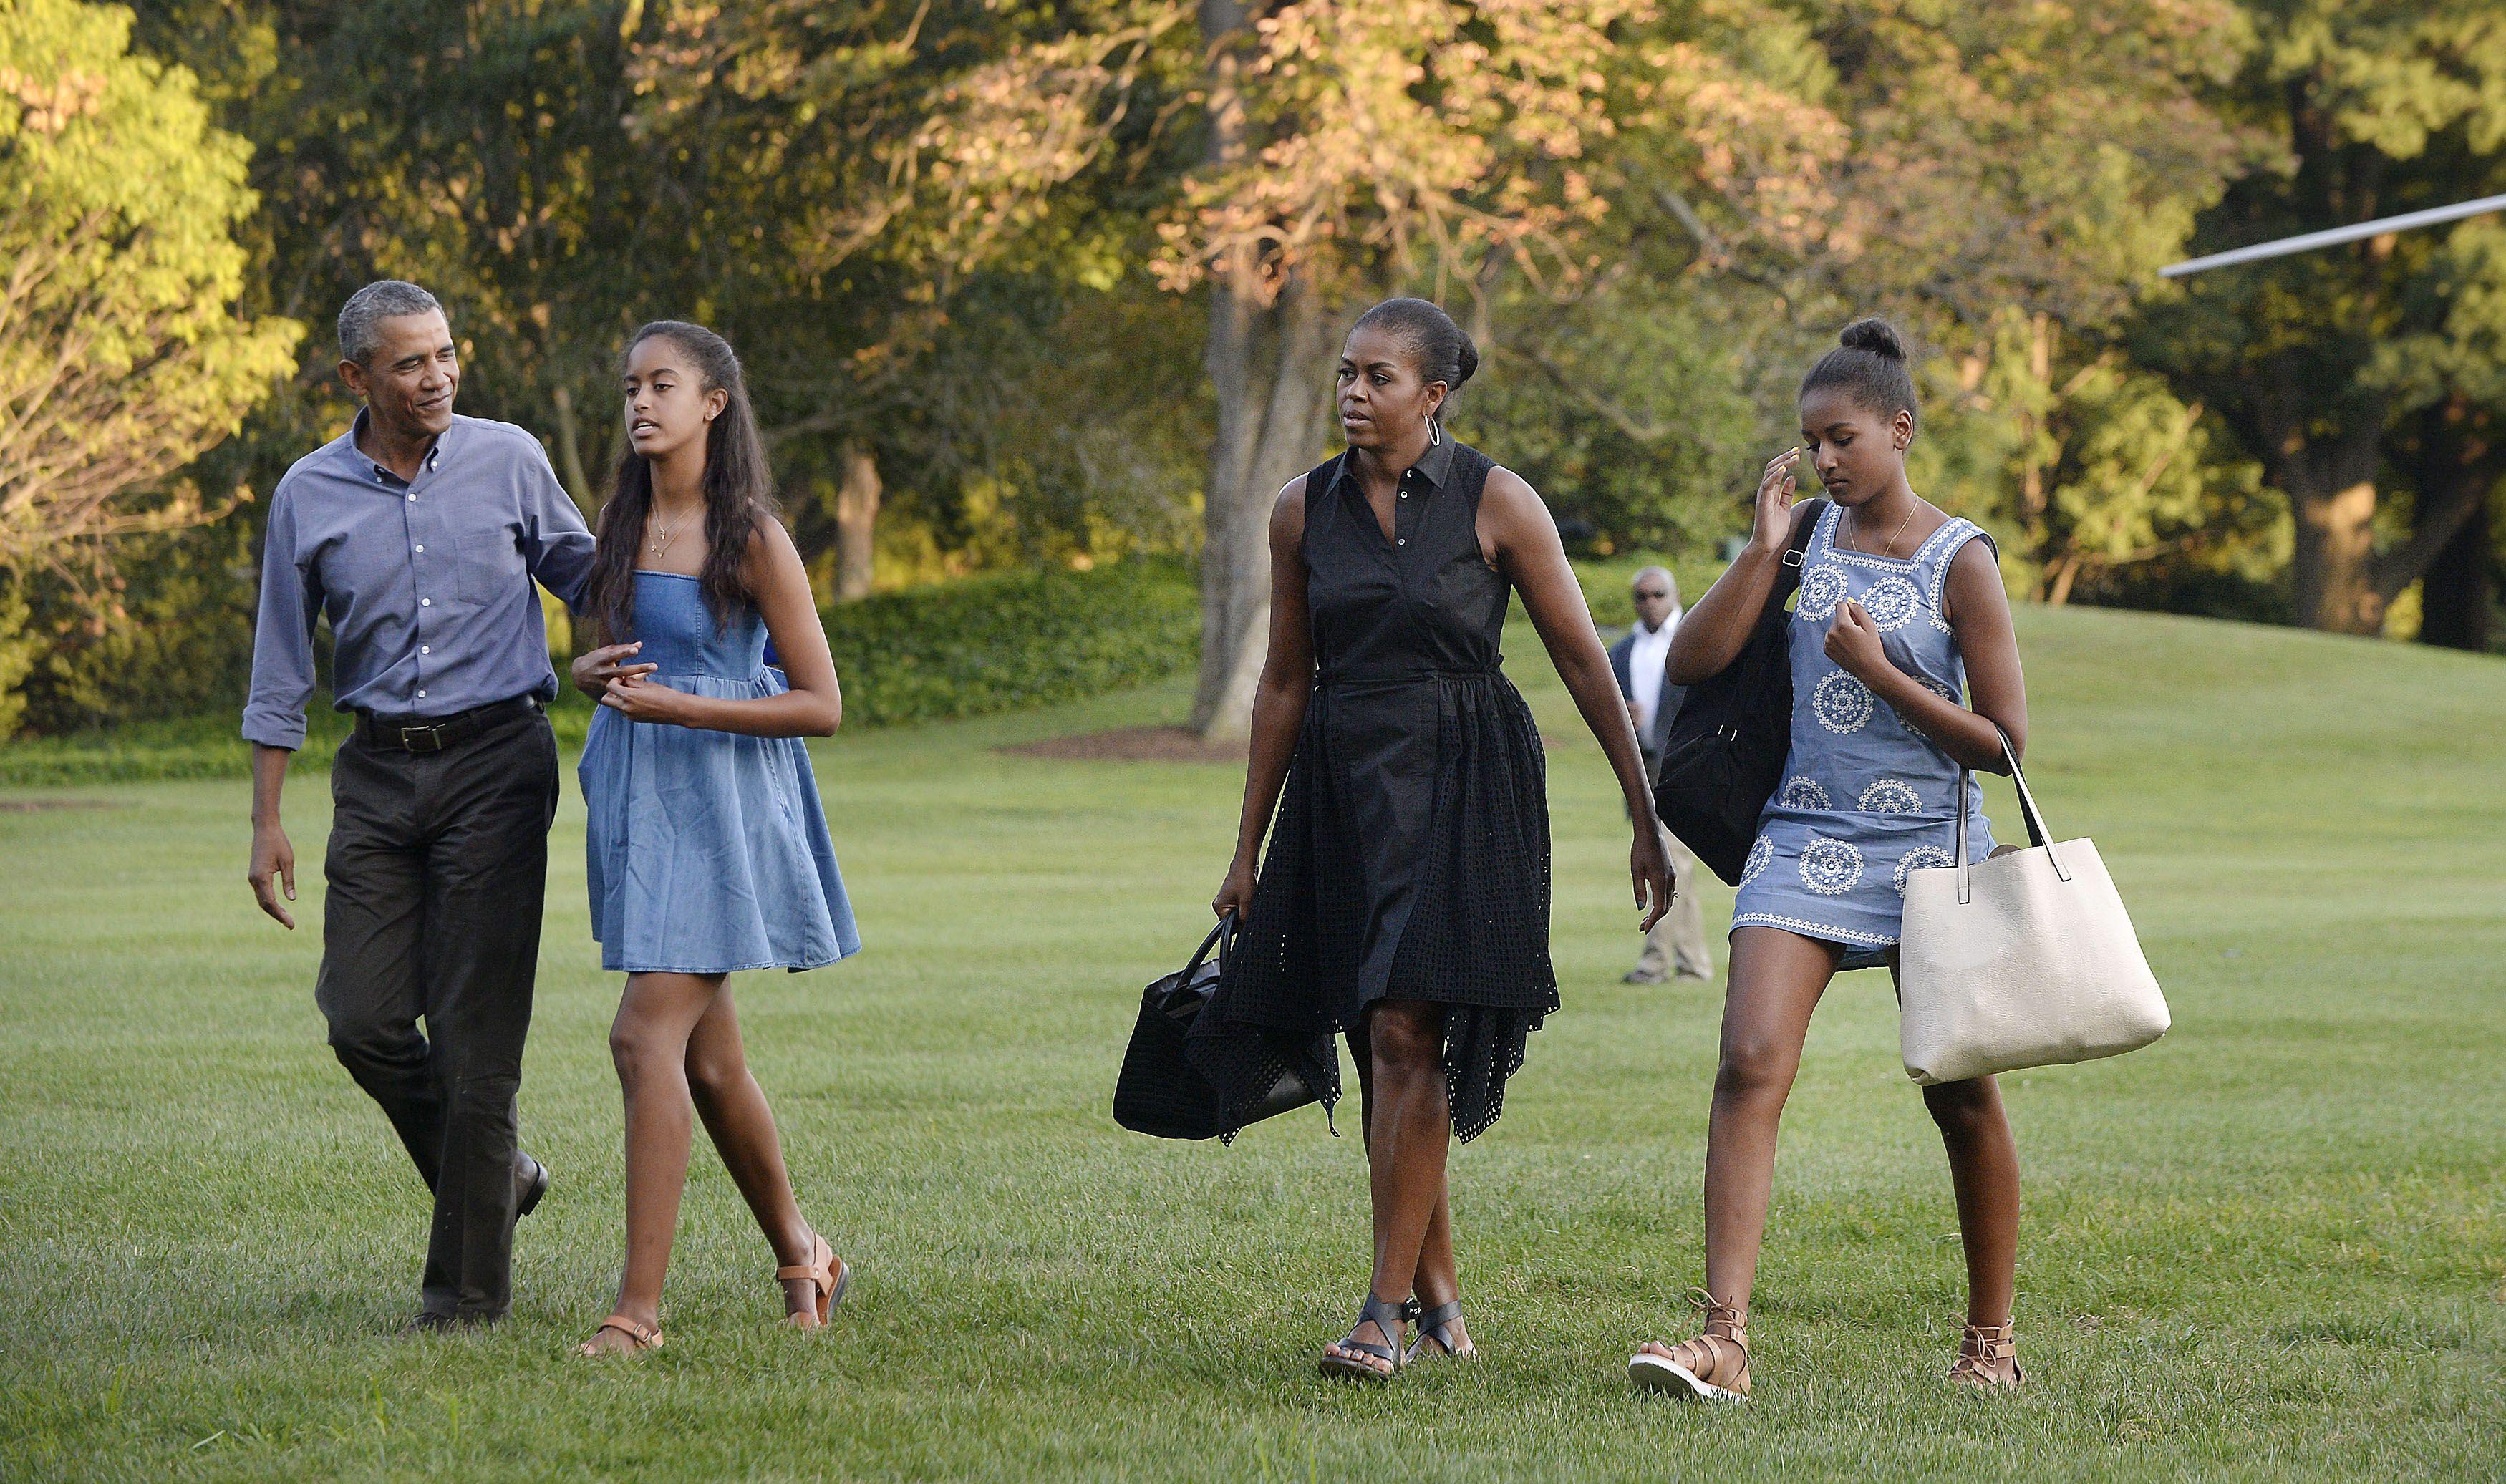 Sasha and malia obamas best fashion looks style evolution of sasha and malia obamas best fashion looks style evolution of sasha obama and malia obama ombrellifo Images